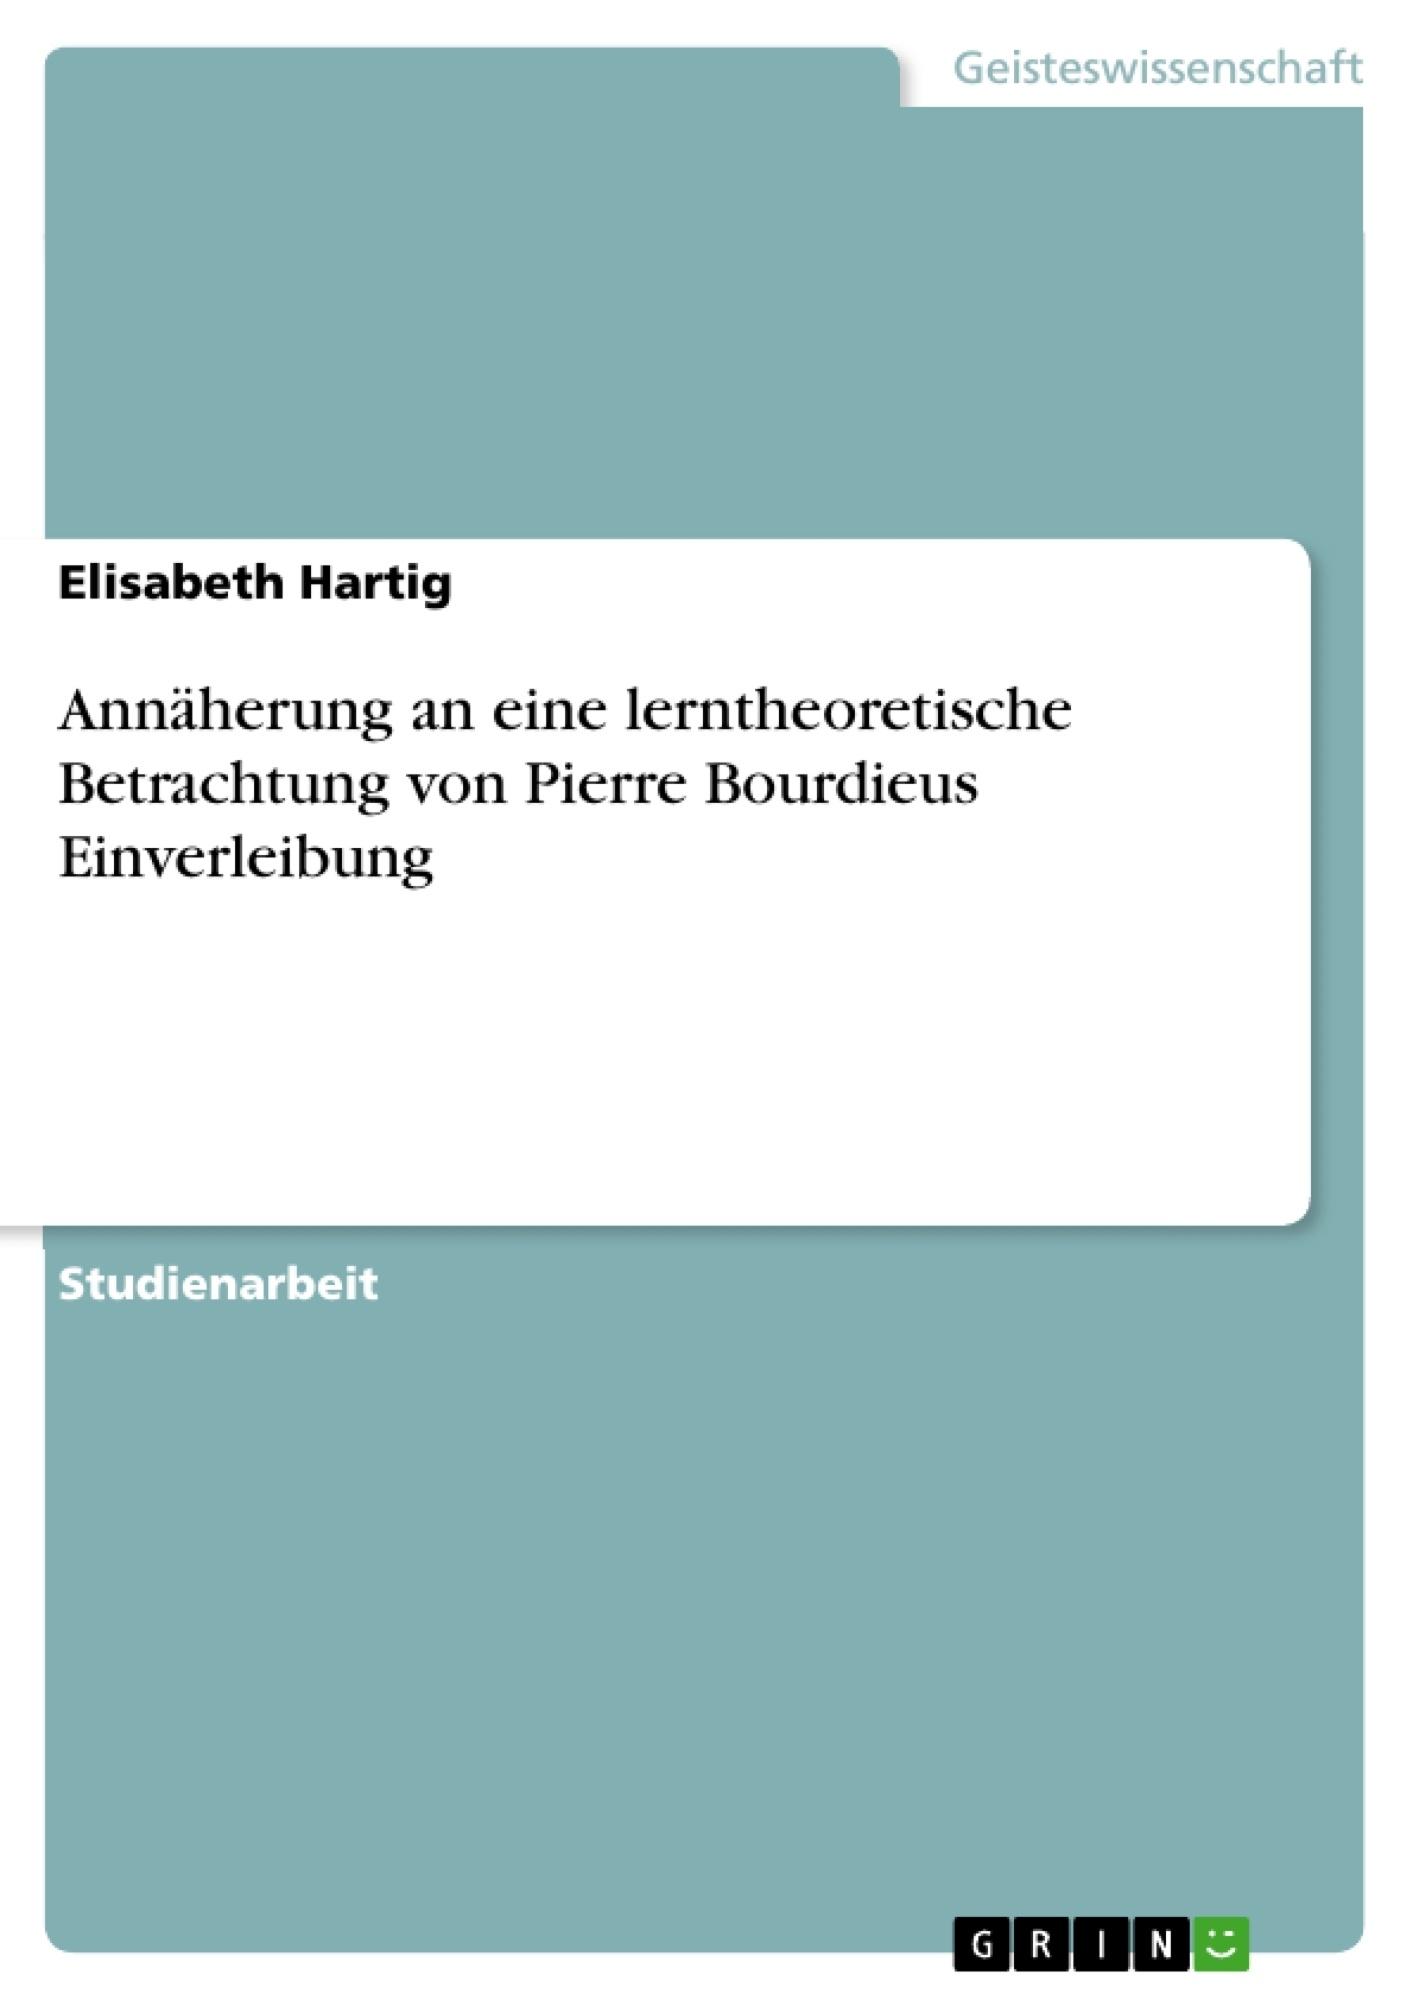 Titel: Annäherung an eine lerntheoretische Betrachtung von Pierre Bourdieus Einverleibung